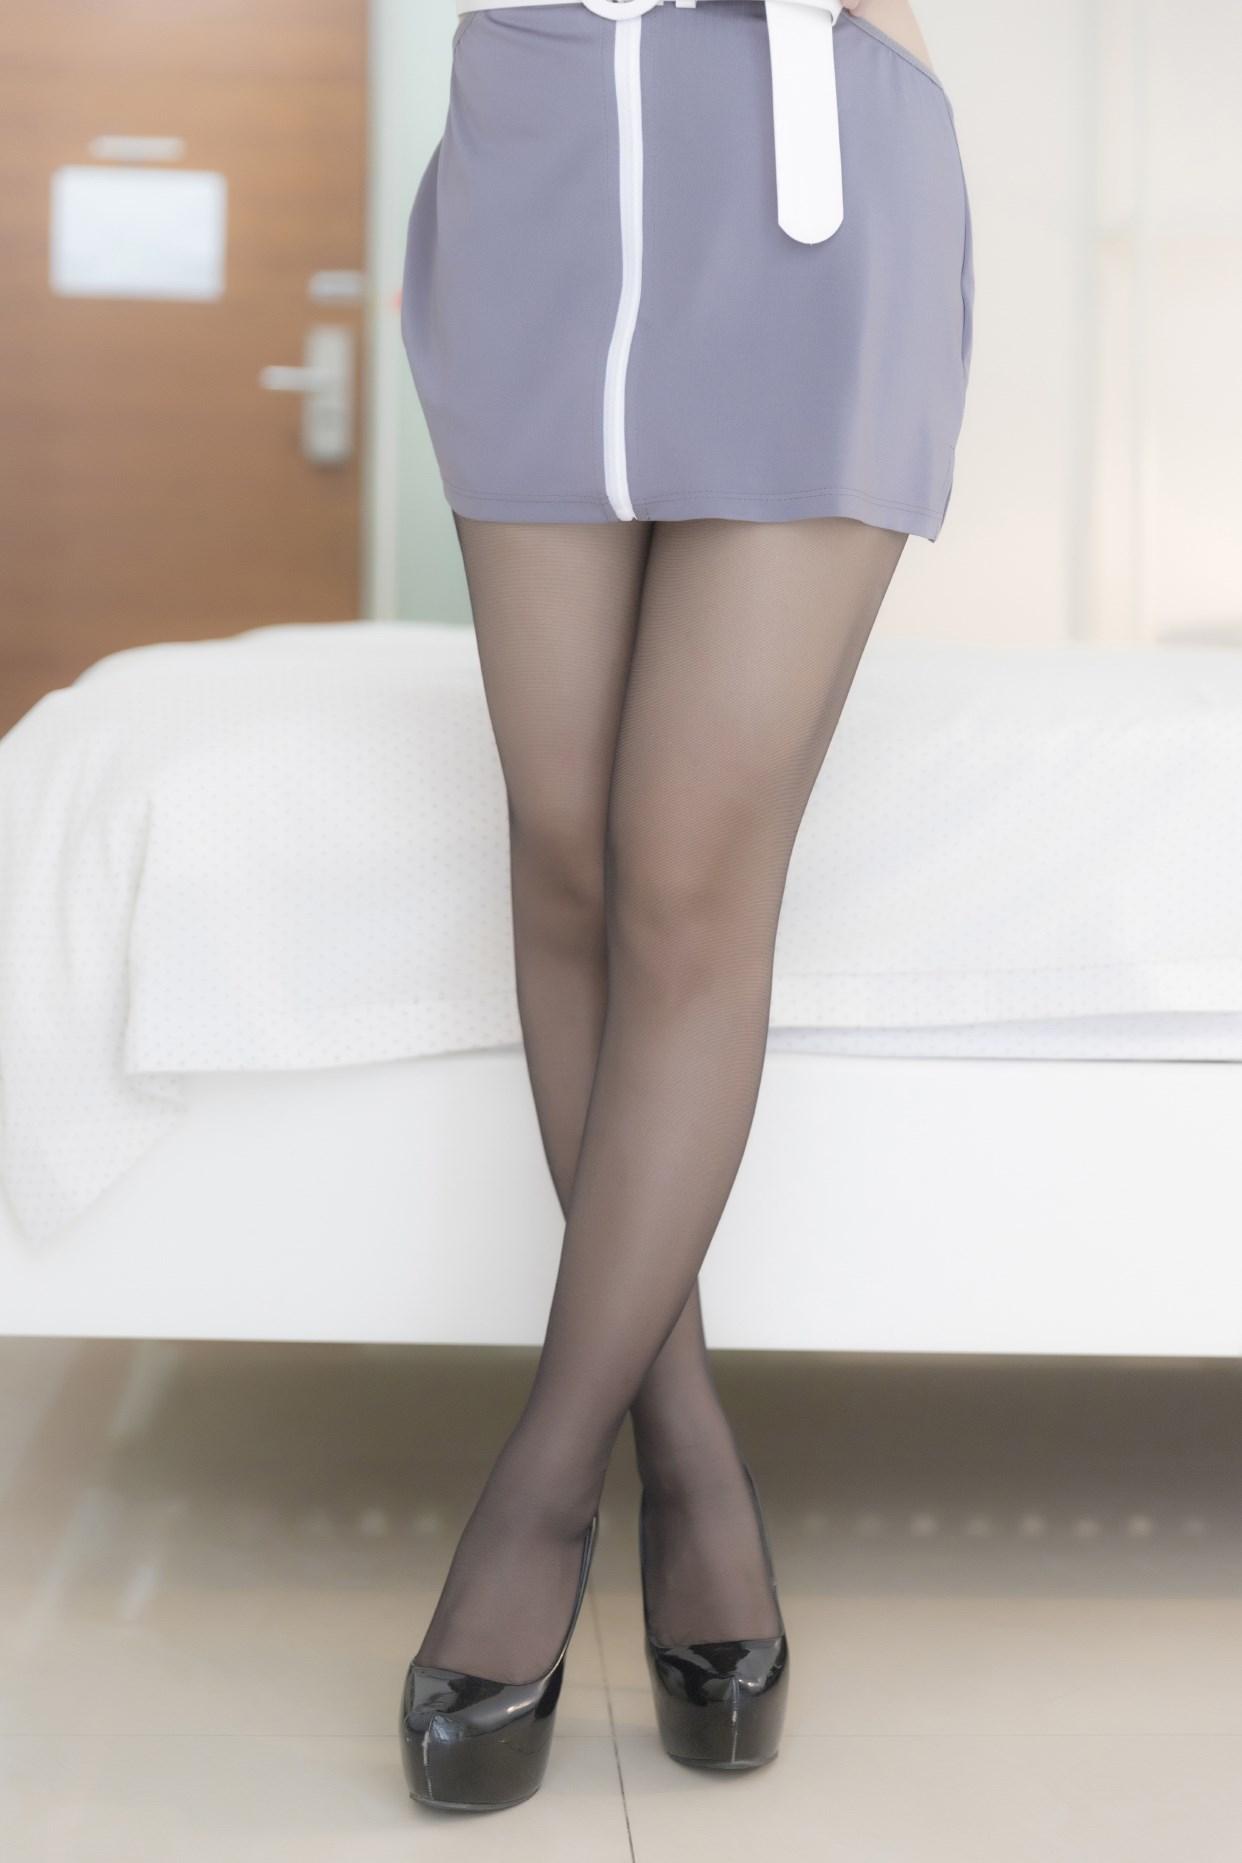 【兔玩映画】vol.13-黑丝御姐 兔玩映画 第19张